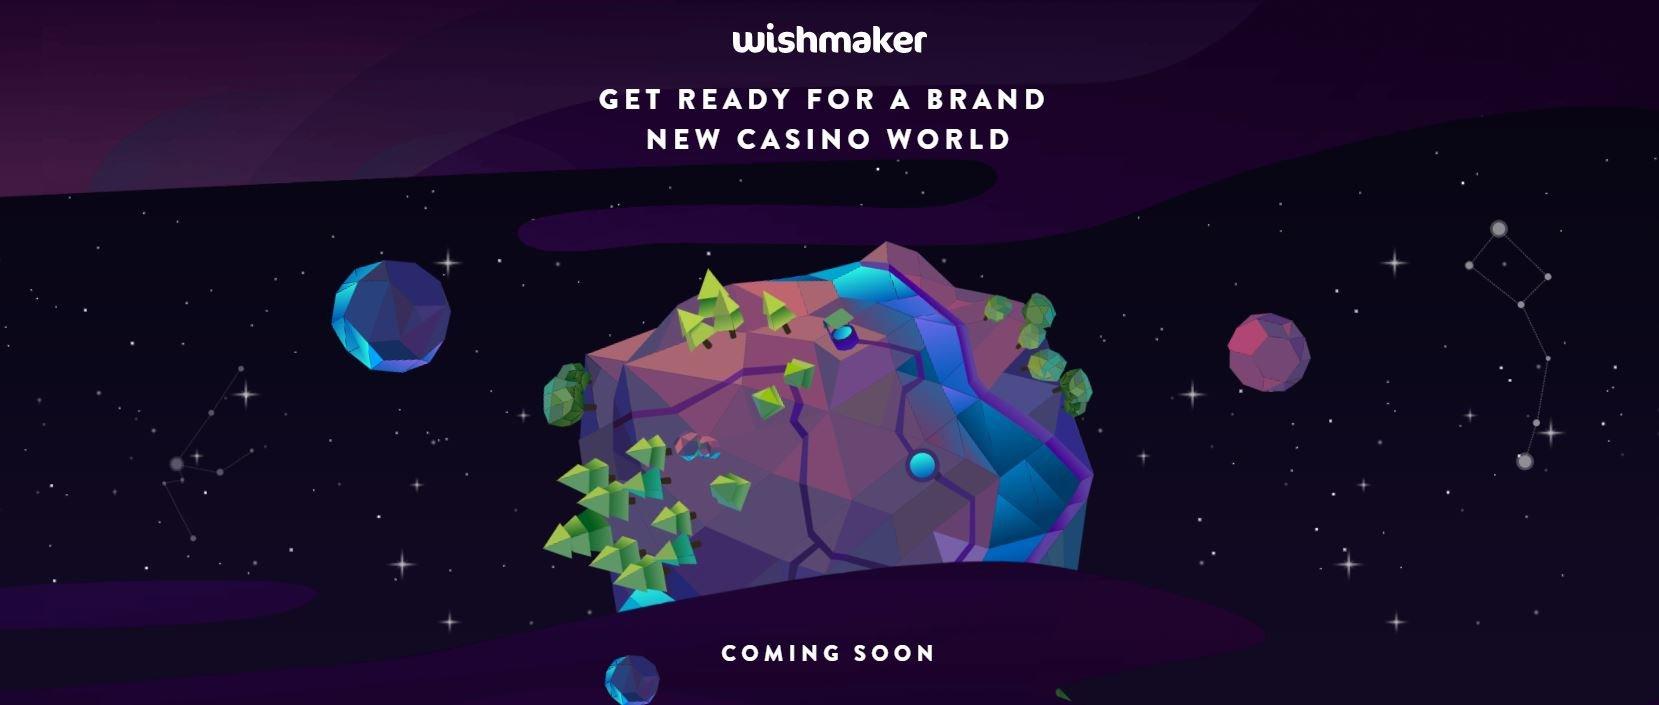 wishmaker etusivu